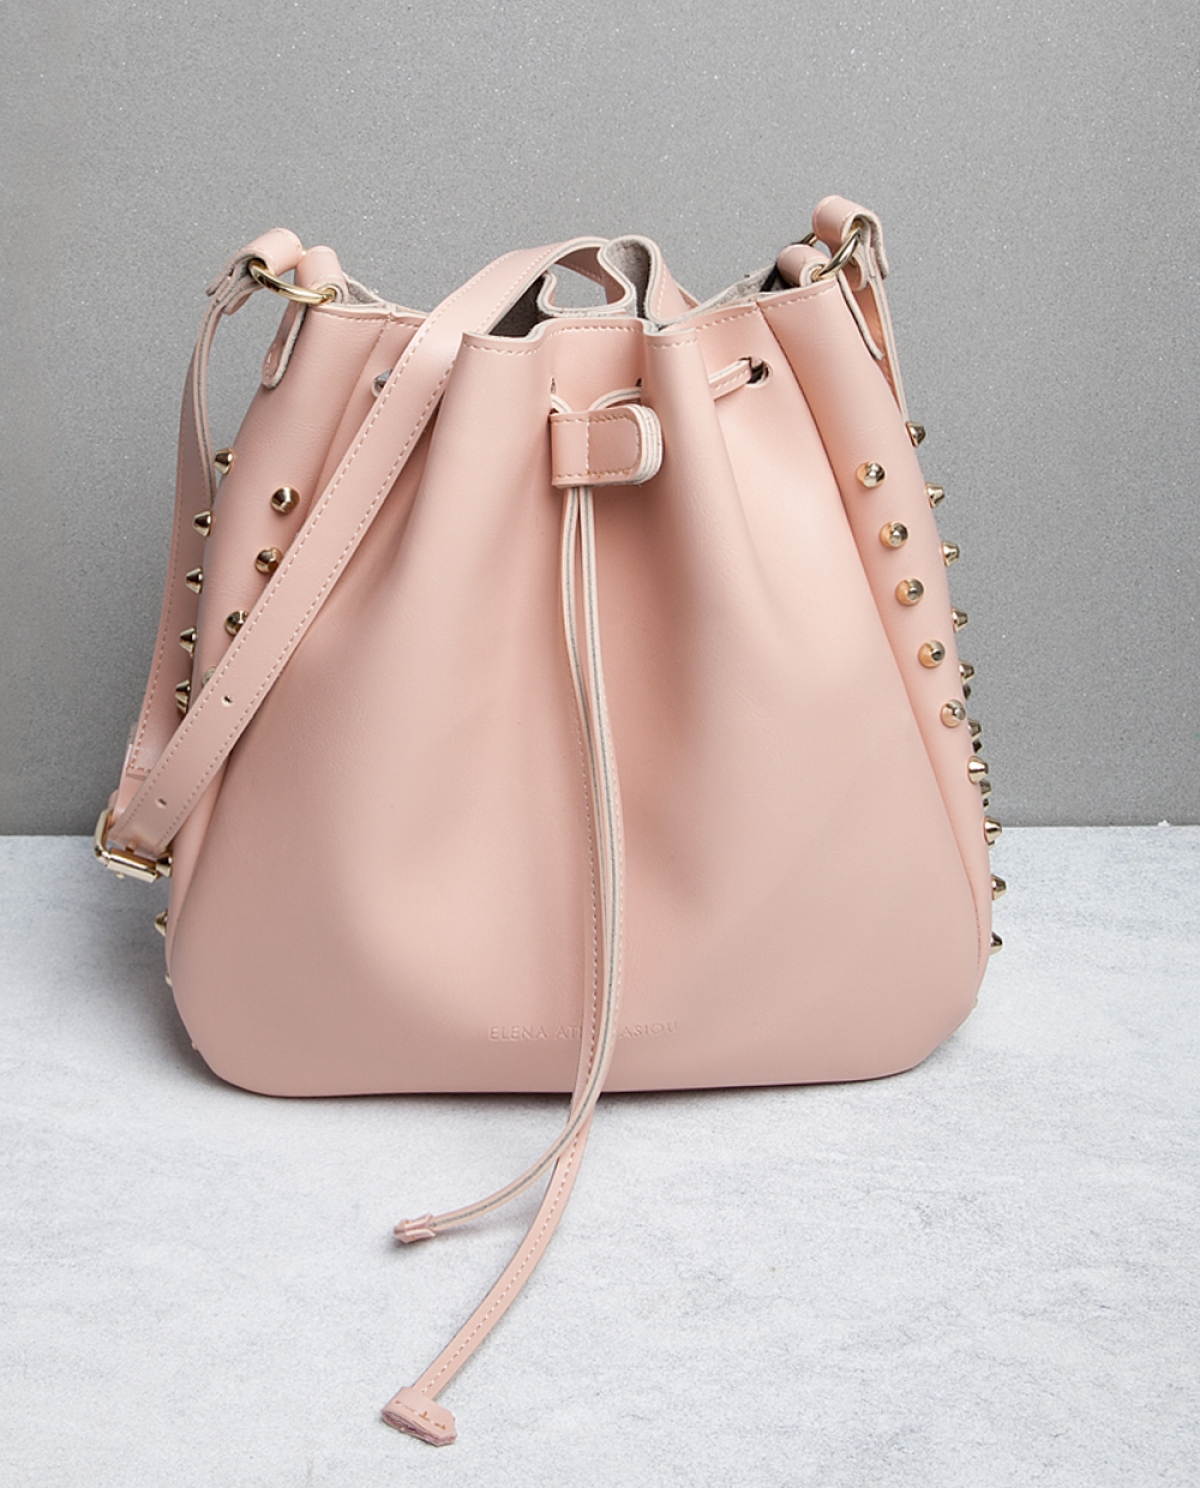 Bling Pink Bucket Bag